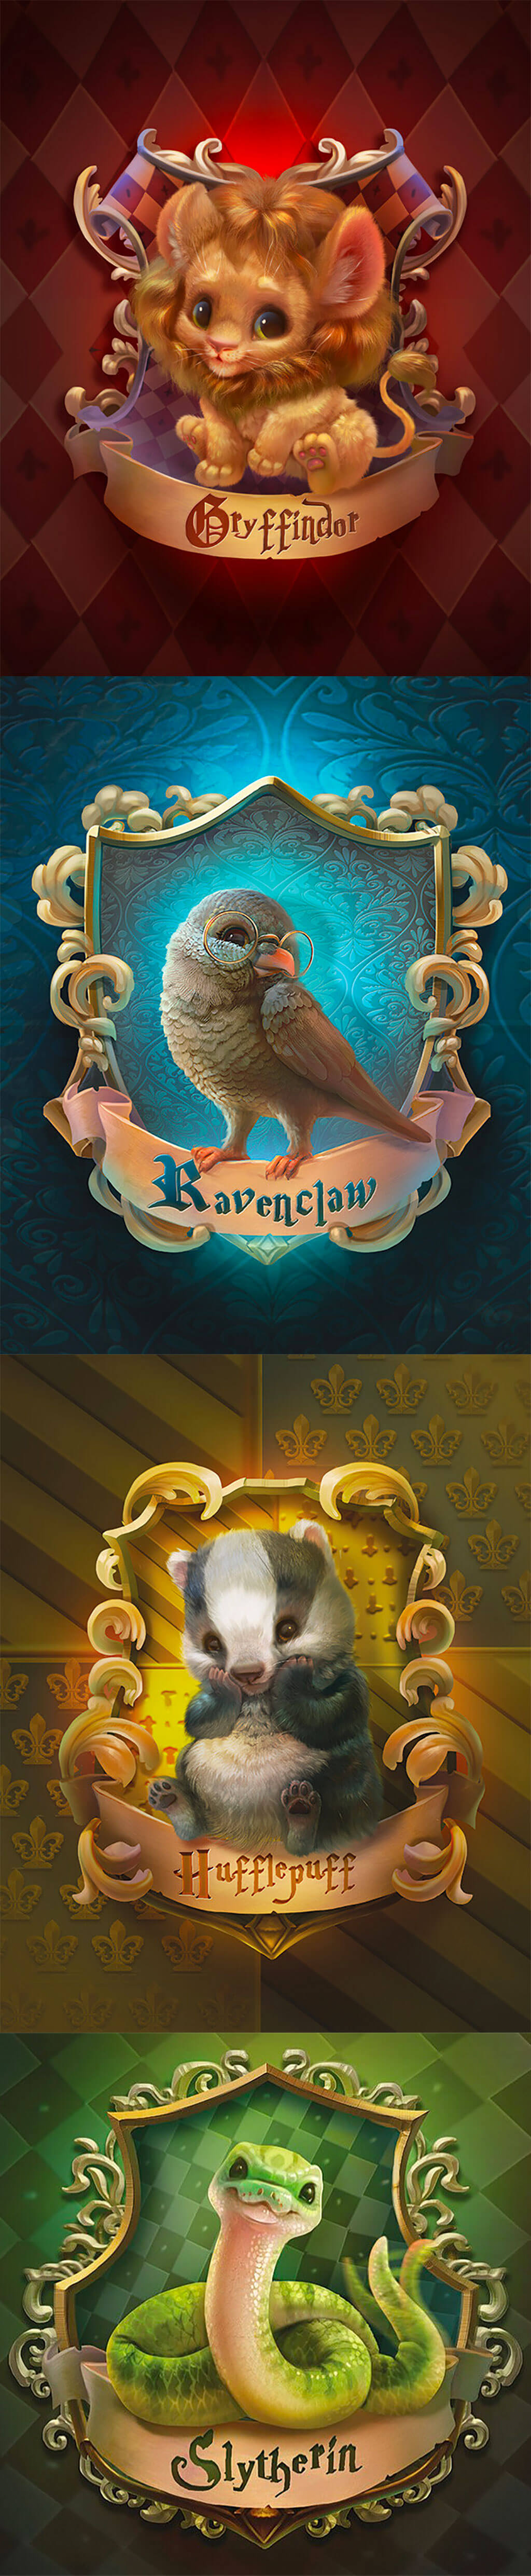 Harry Potter Fan Art by Yulia Sivtsova